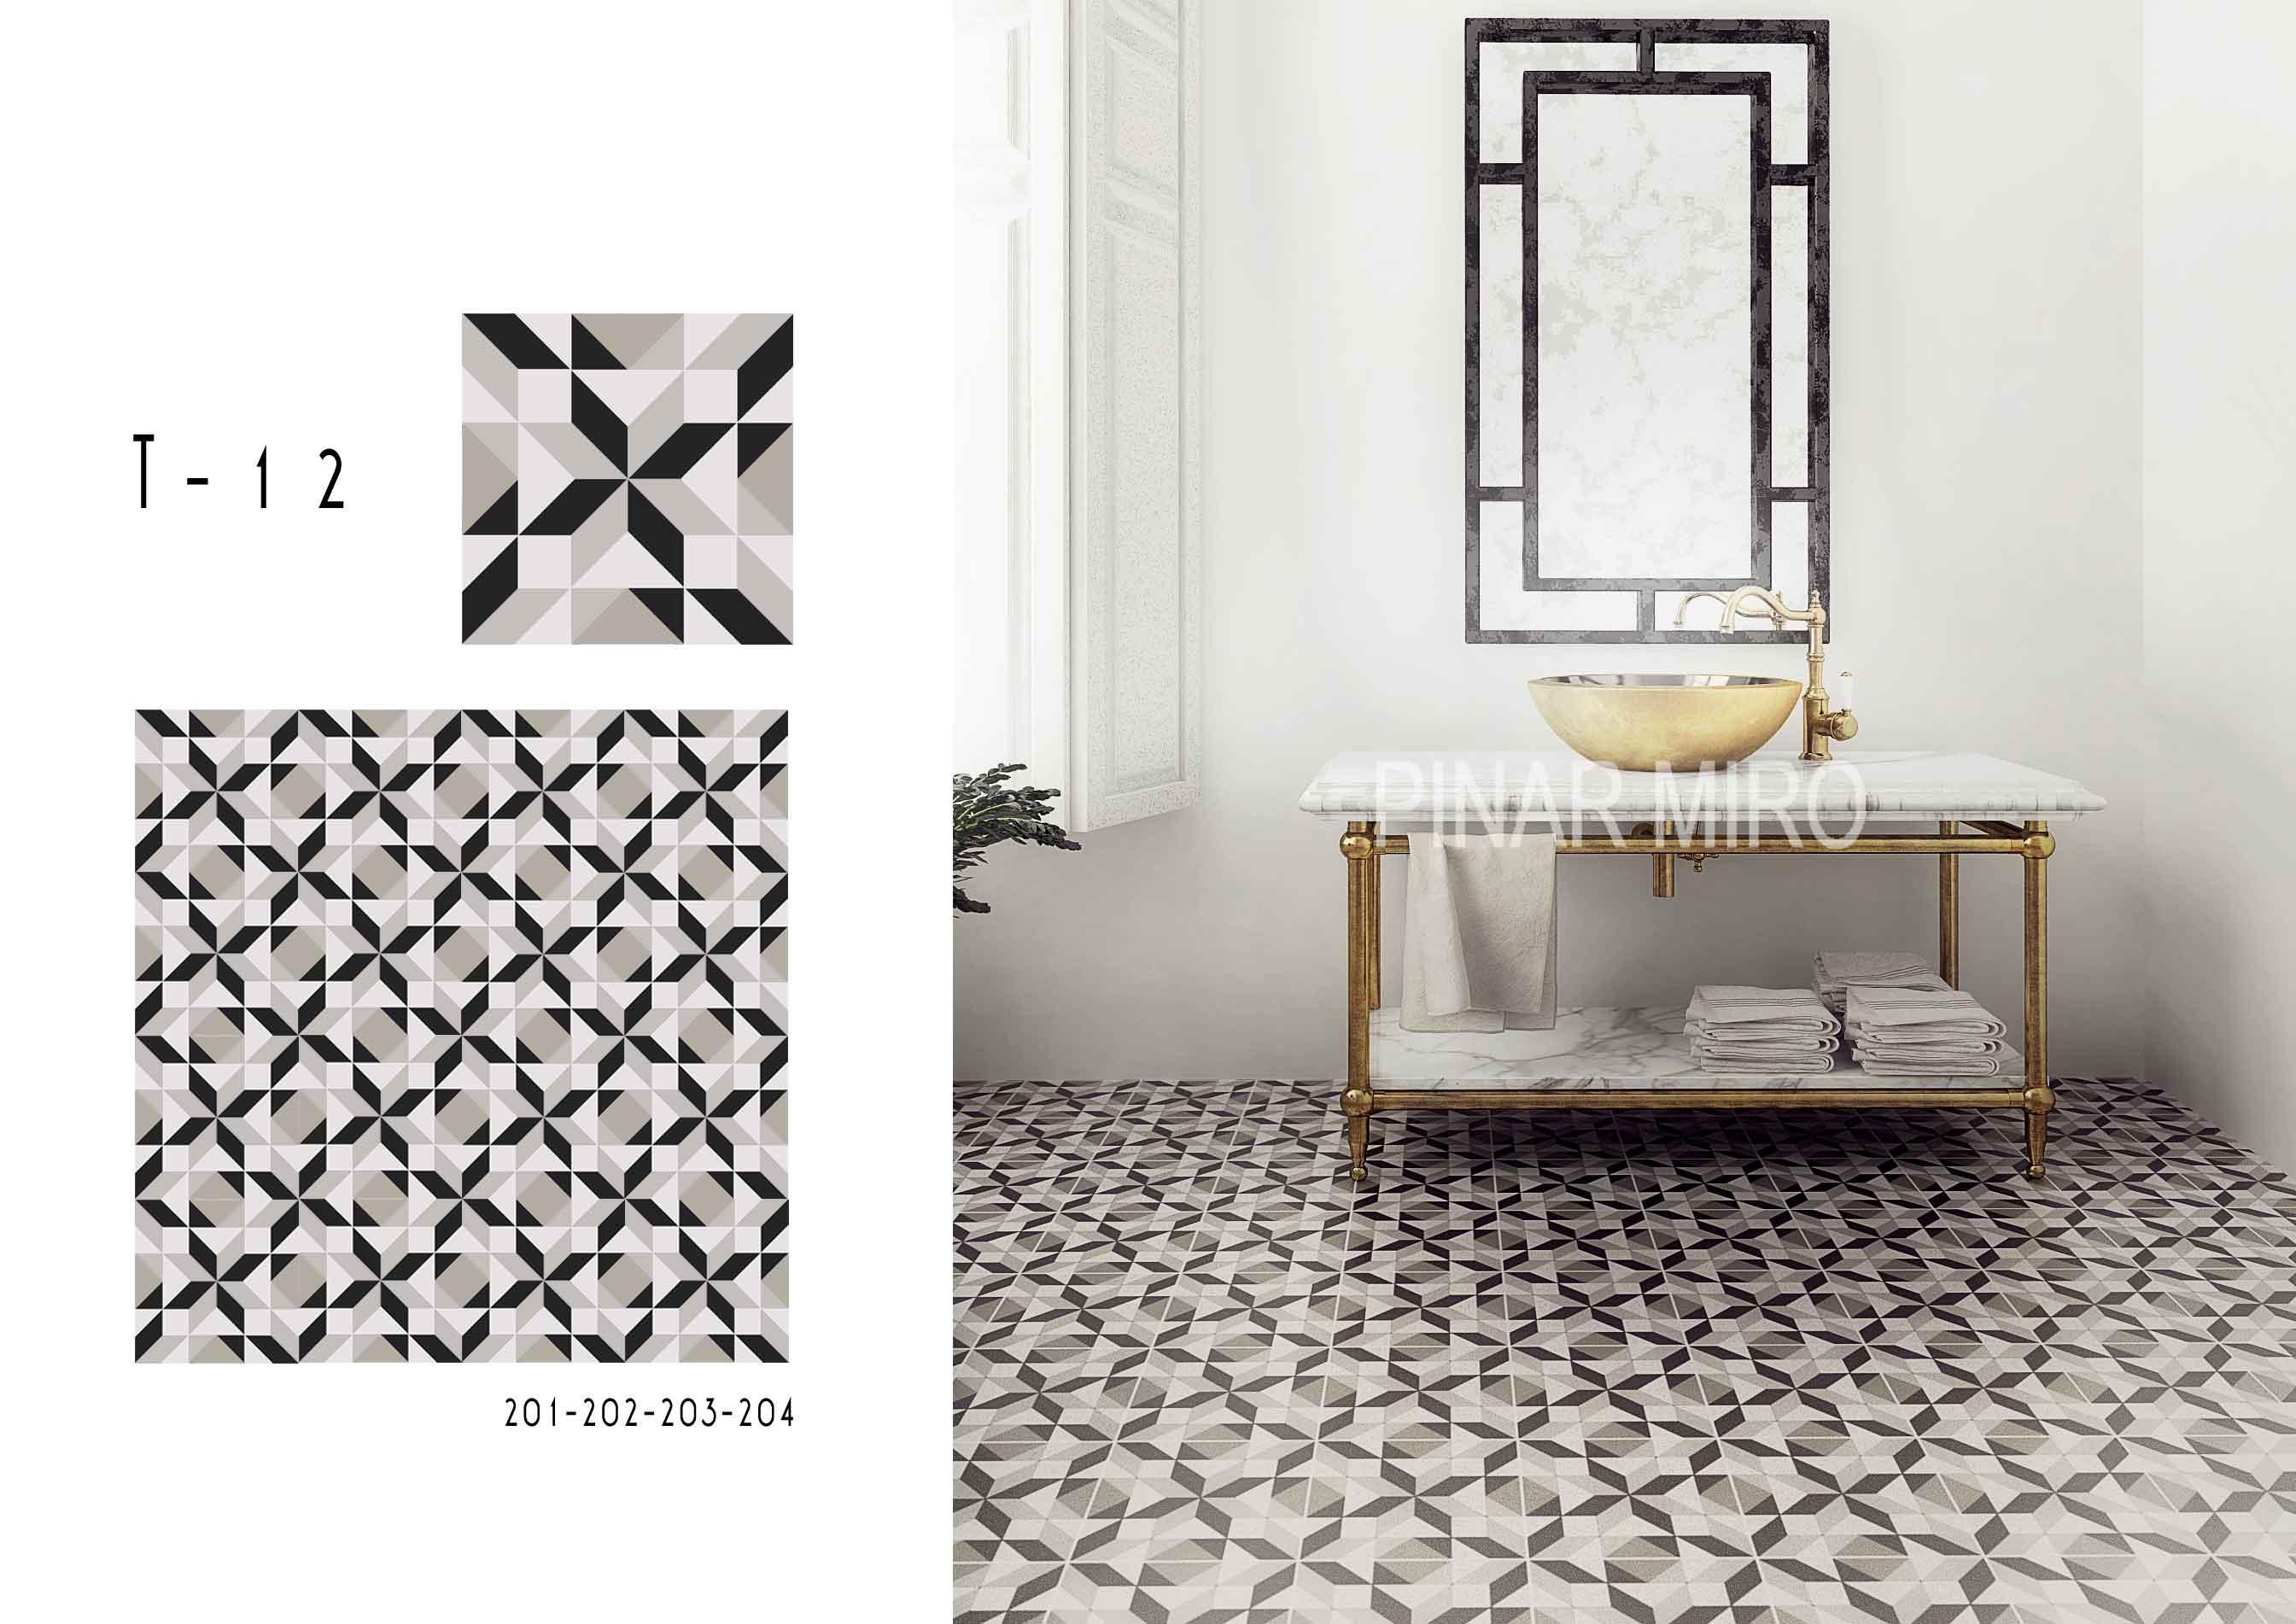 1t011-pinar-miro-cement-tiles